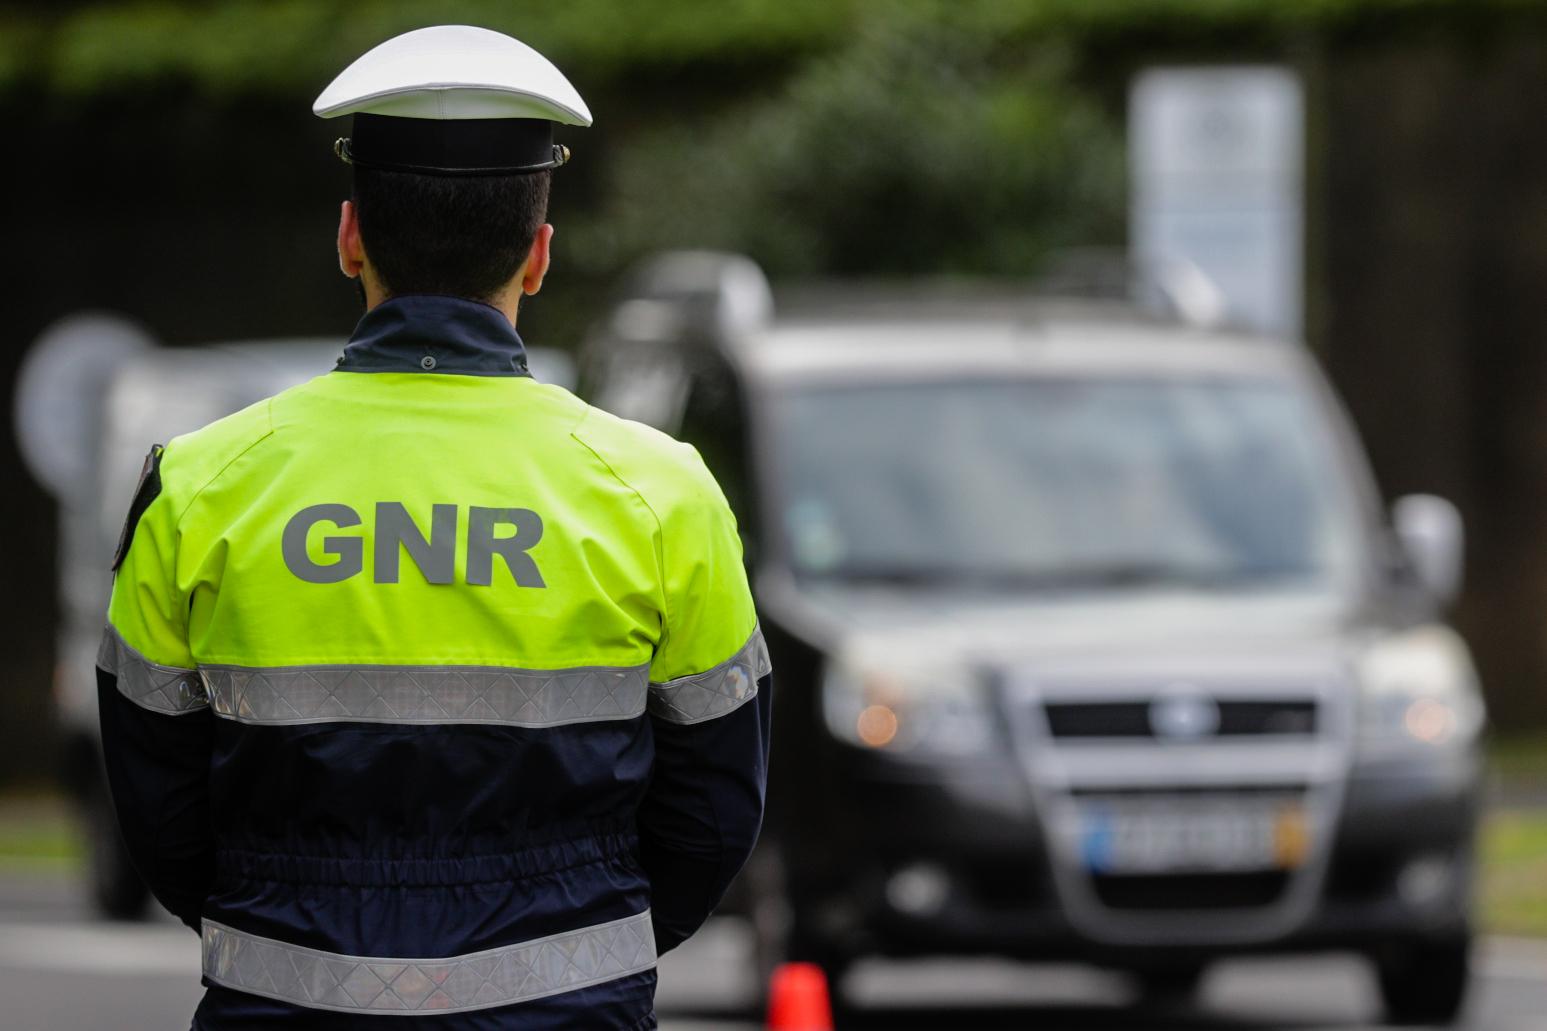 Elementos da PSP e GNR vão receber retroativos dos suplementos de forma faseada até 2023